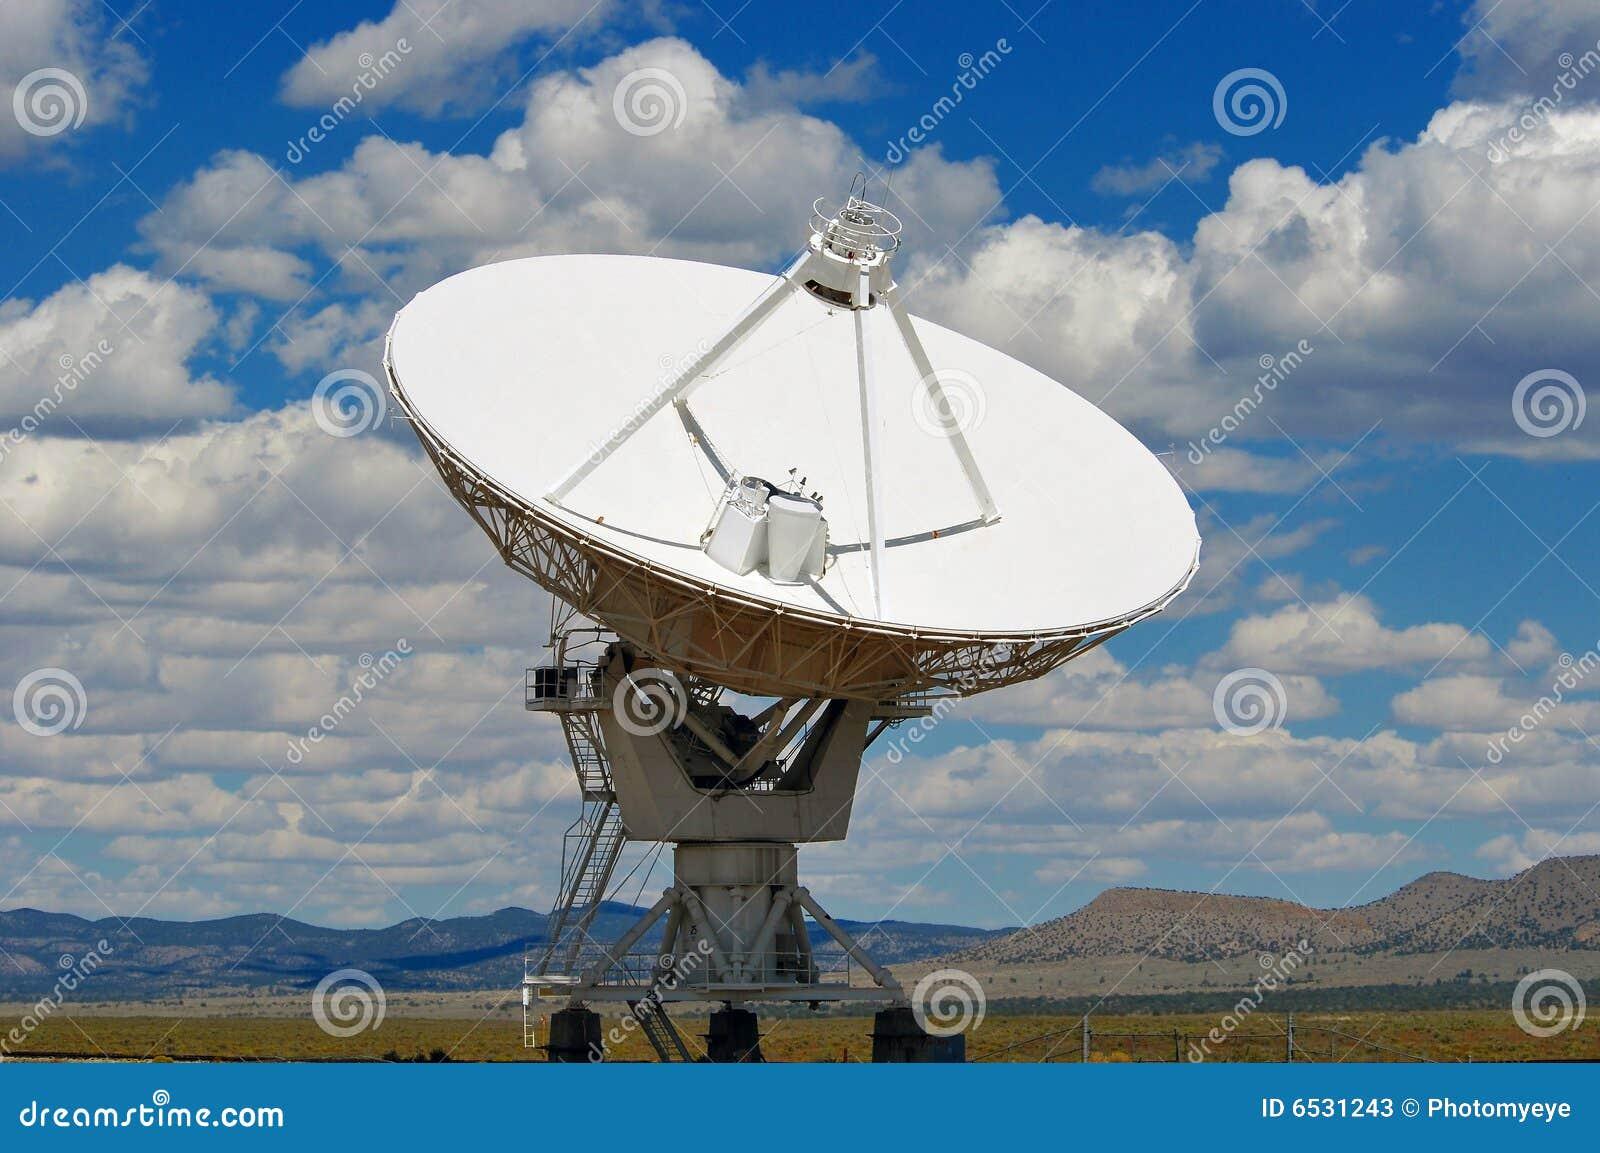 Radar dish in desert